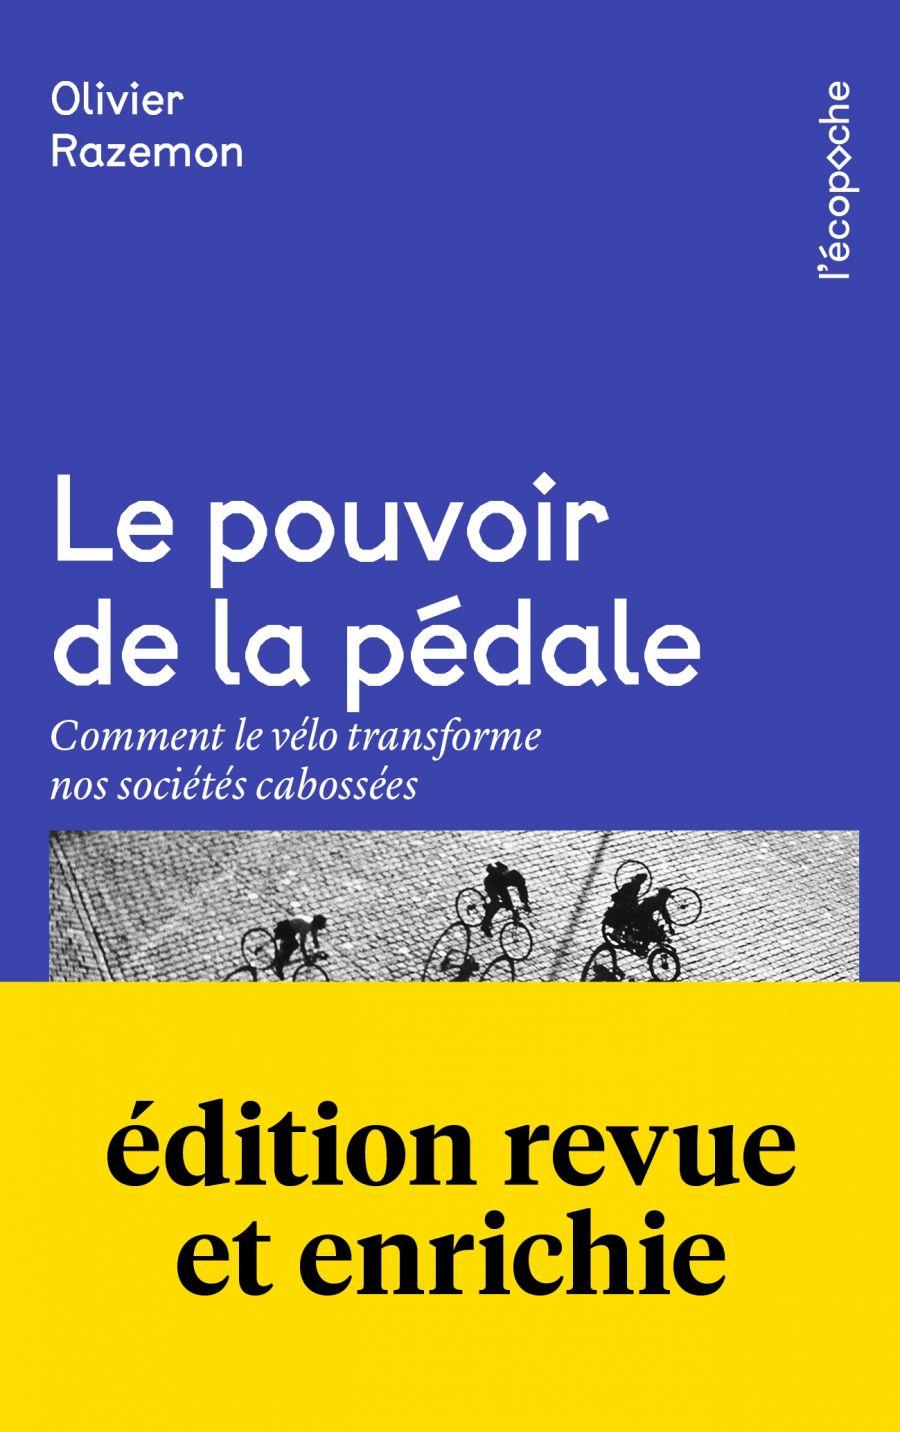 Olivier Razemon, Le pouvoir de la pédale : comment le vélo transforme nos sociétés cabossées, 2018, éditions Rue de l'échiquier, Paris